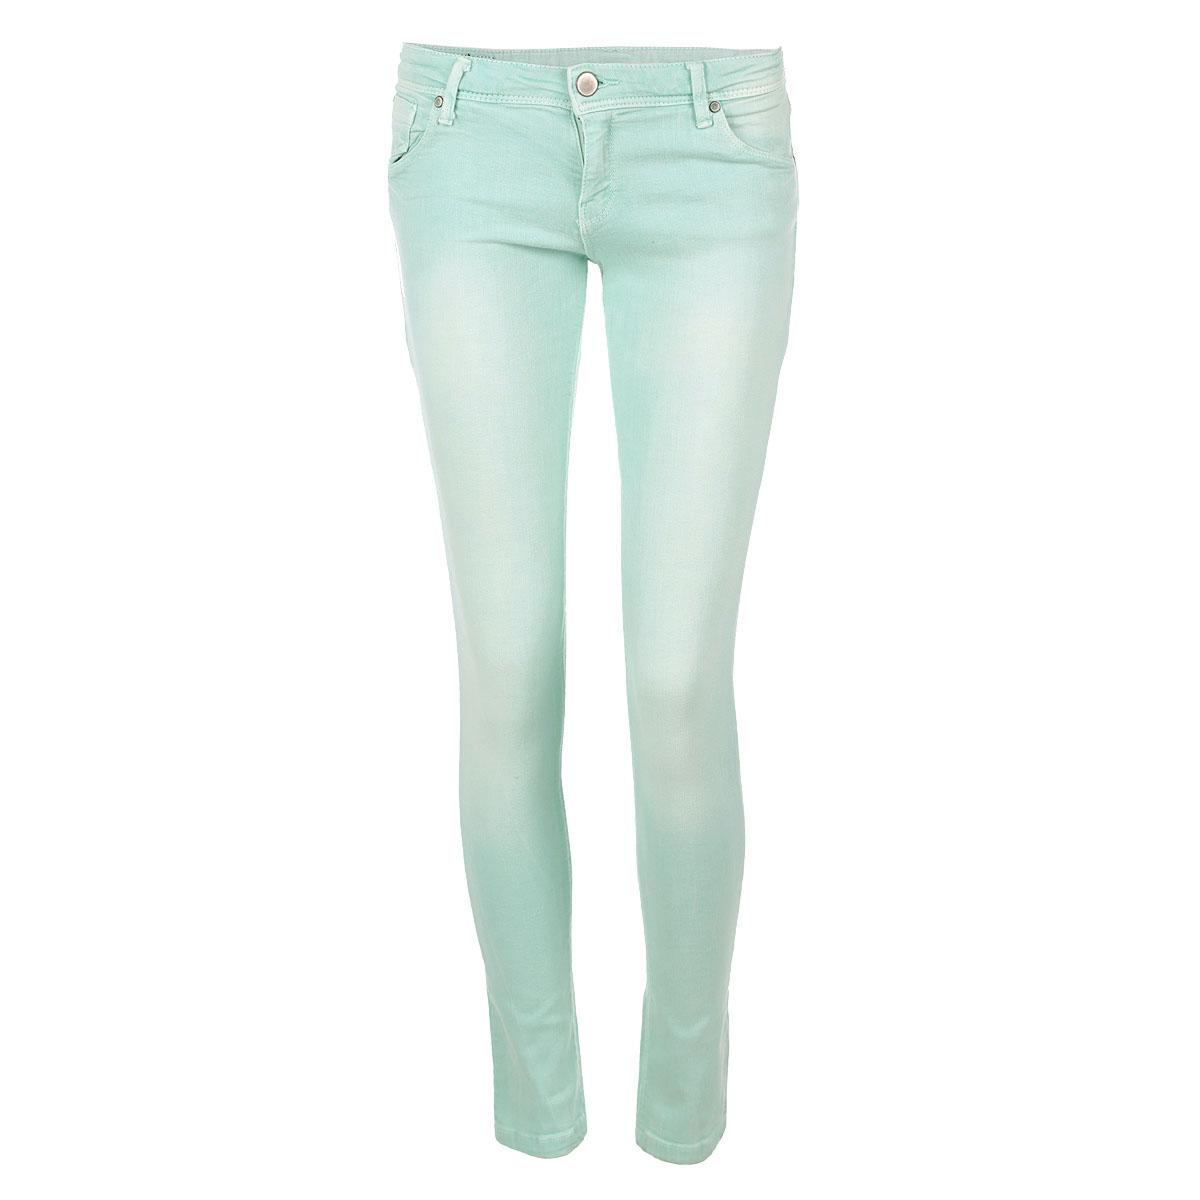 БрюкиTSP1217TUСтильные женские брюки Troll созданы специально для того, чтобы подчеркивать достоинства вашей фигуры. Модель зауженного кроя и заниженной посадки станет отличным дополнением к вашему современному образу. Застегиваются брюки на пуговицу в поясе и ширинку на застежке-молнии, имеются шлевки для ремня. Спереди модель оформлена двумя втачными карманами и одним небольшим секретным кармашком, а сзади - двумя накладными карманами. Брюки оформлены тертым эффектом. Эти модные и в тоже время комфортные брюки послужат отличным дополнением к вашему гардеробу. В них вы всегда будете чувствовать себя уютно и комфортно.